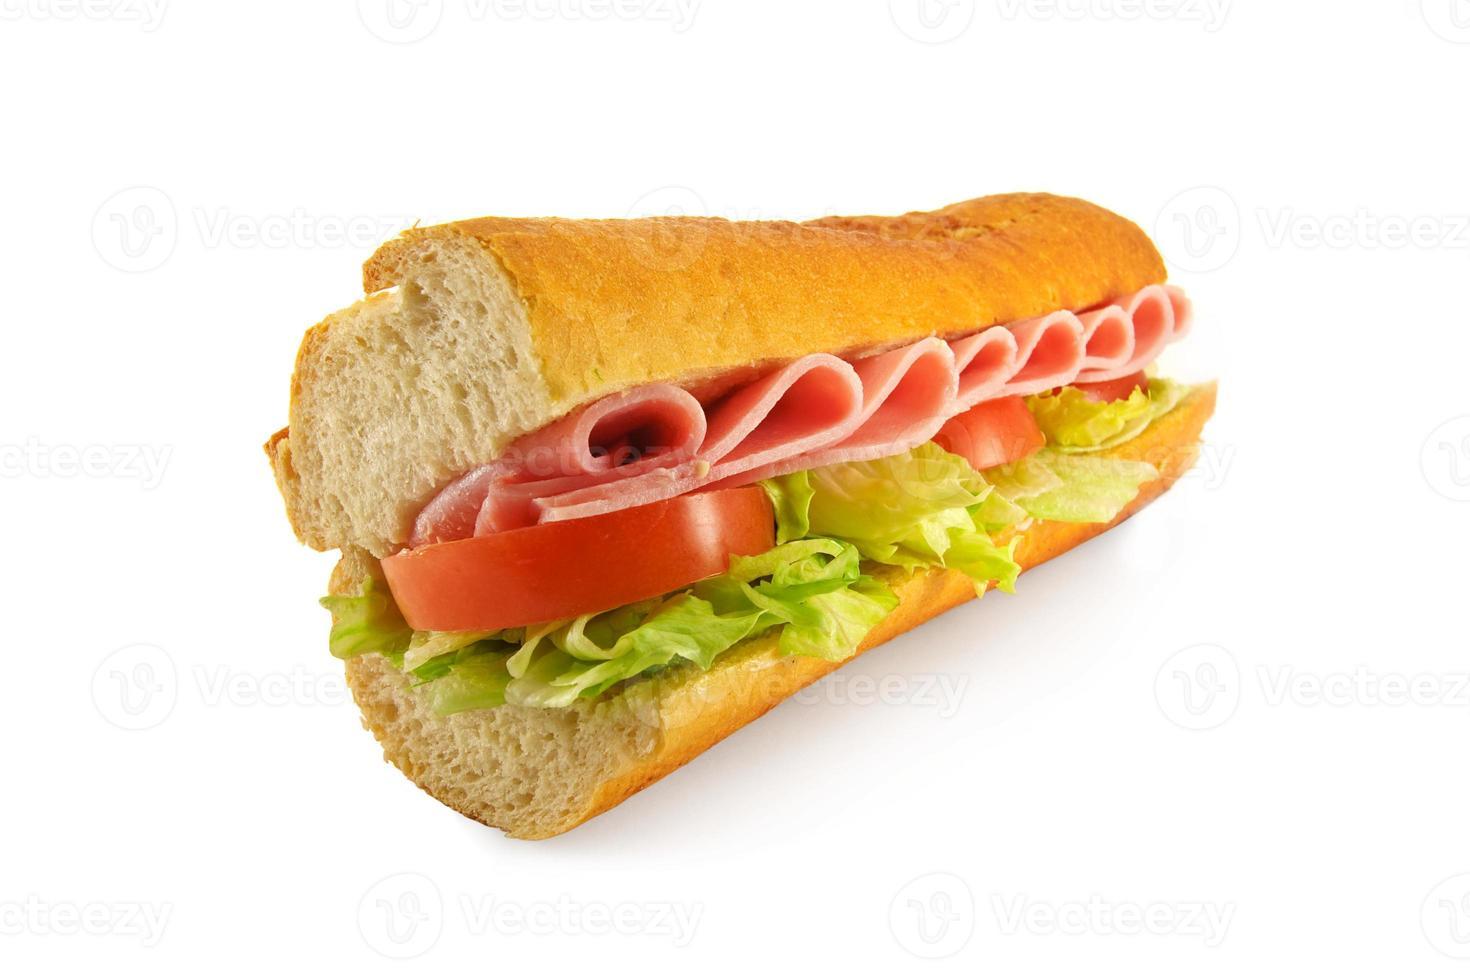 skinkasalladsmörgåsbaguett foto